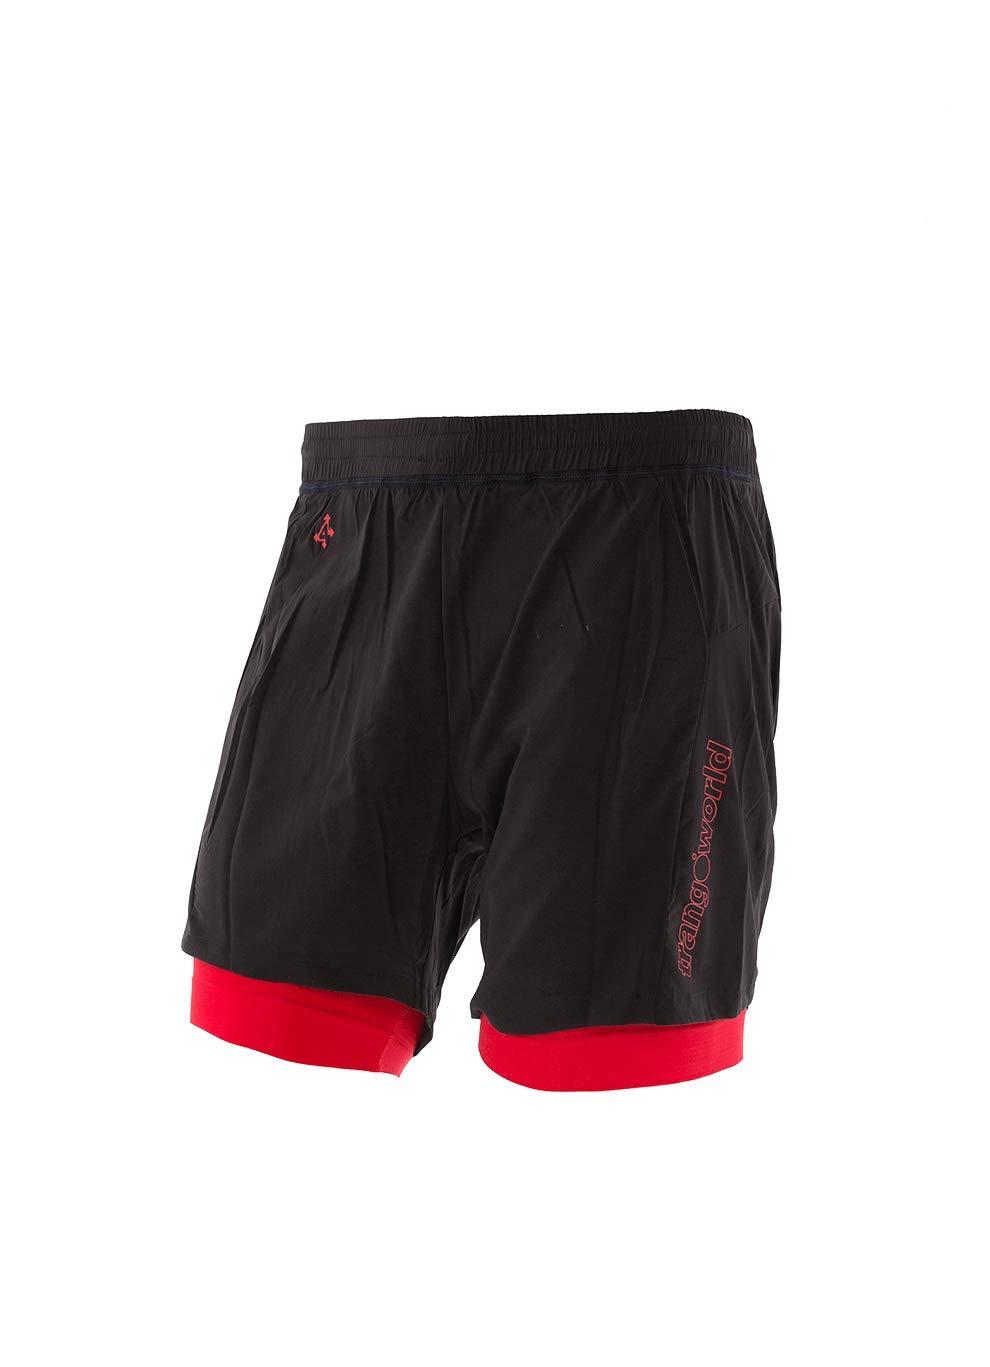 Trango pc008012 Shorts, Kurze XXXL schwarz/rot